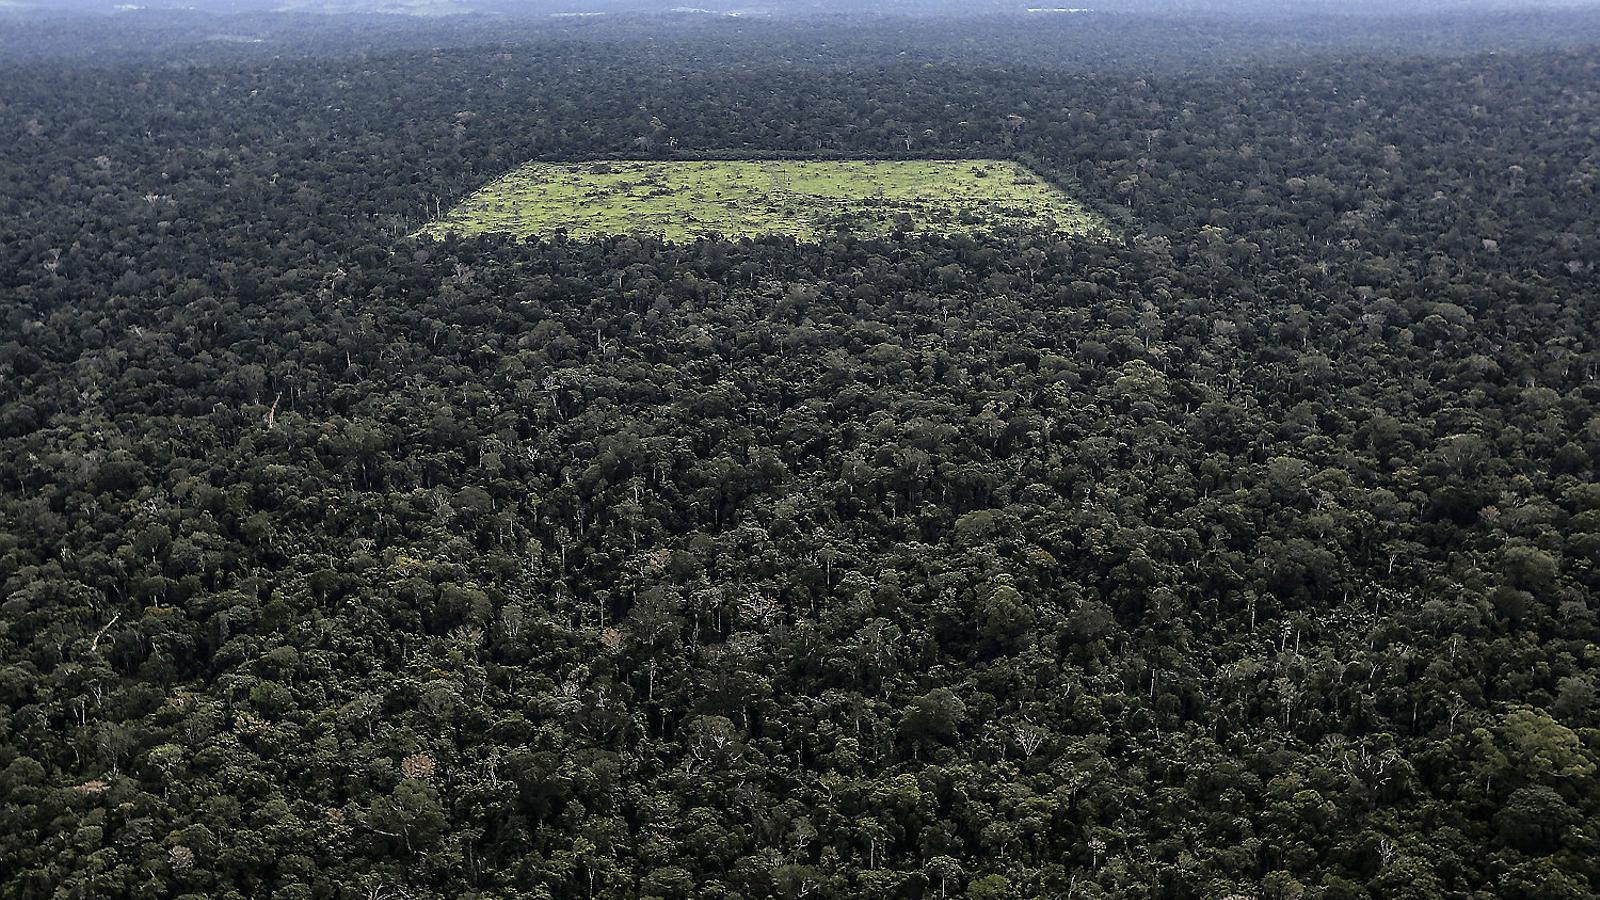 Vista aèria d'un tros de selva amazònica desforestada el 2013. Ara, amb l'arribada de Bolsonaro, es tem que es pugui accelerar aquest procés.